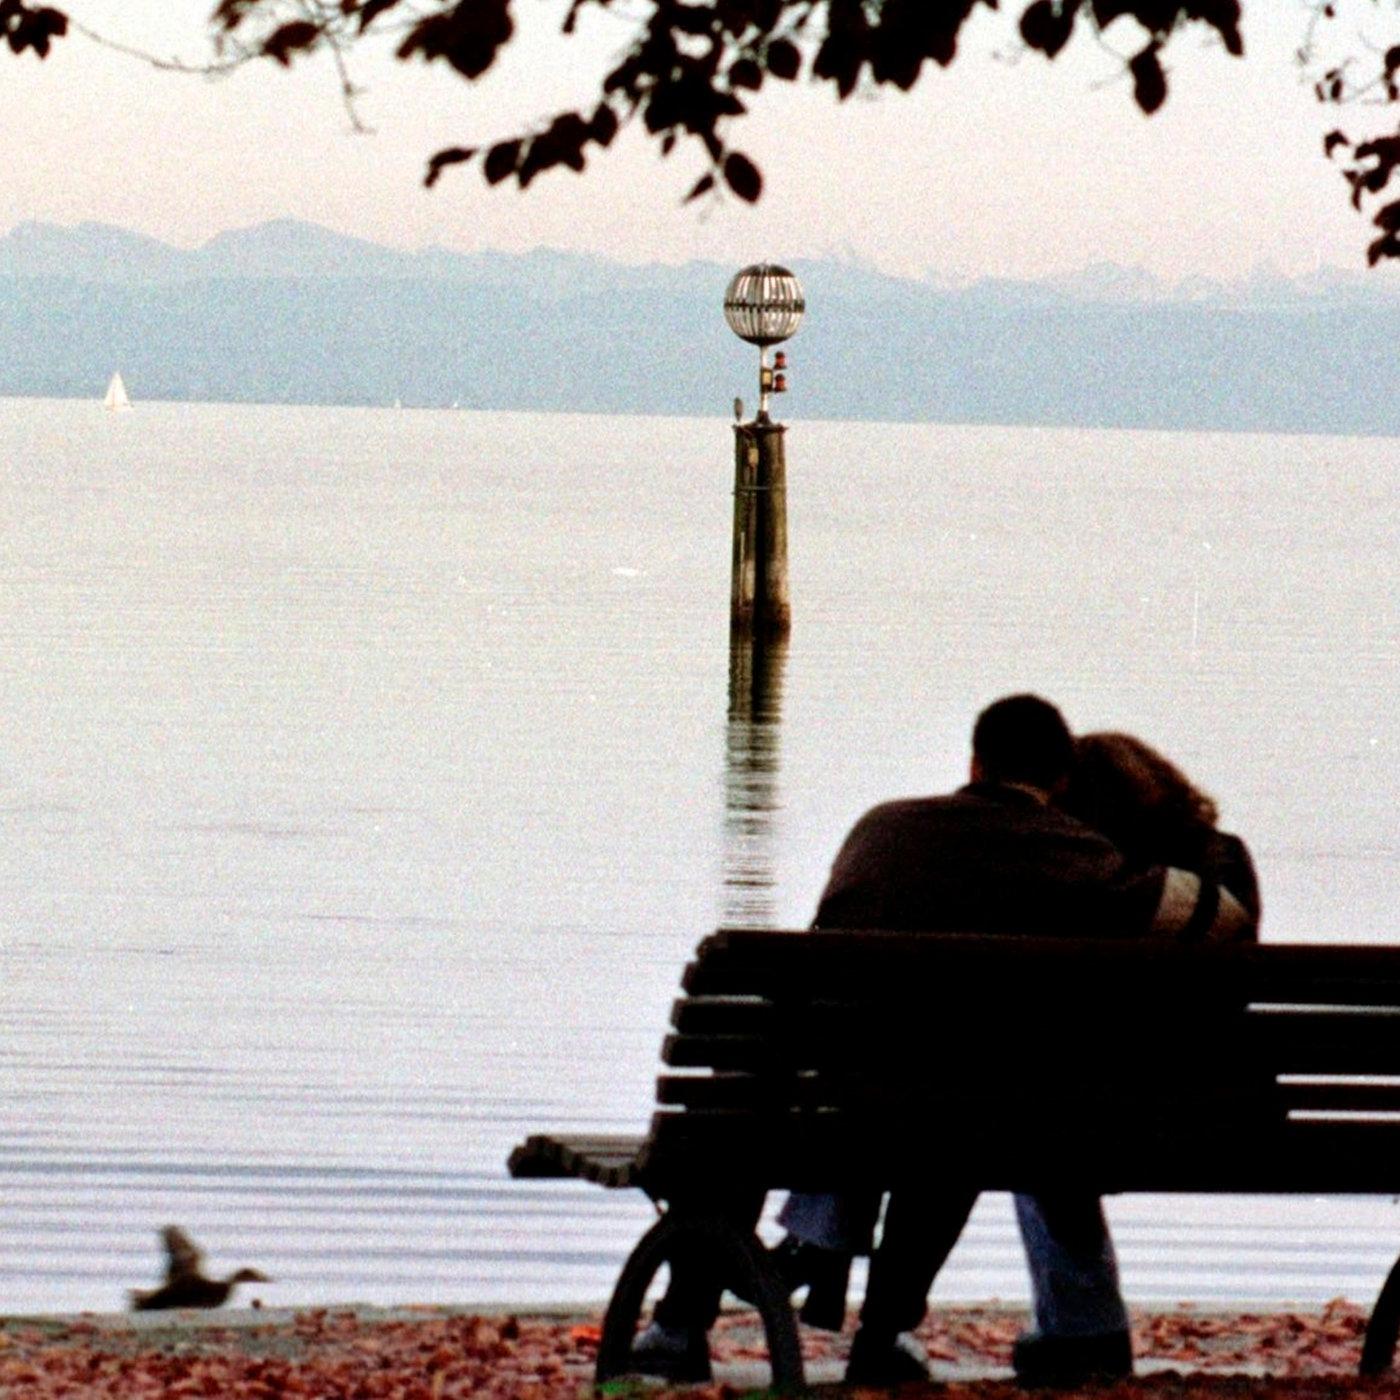 Zwei Menschen, endlich - Die große Liebe leben, kurz vor dem Tod